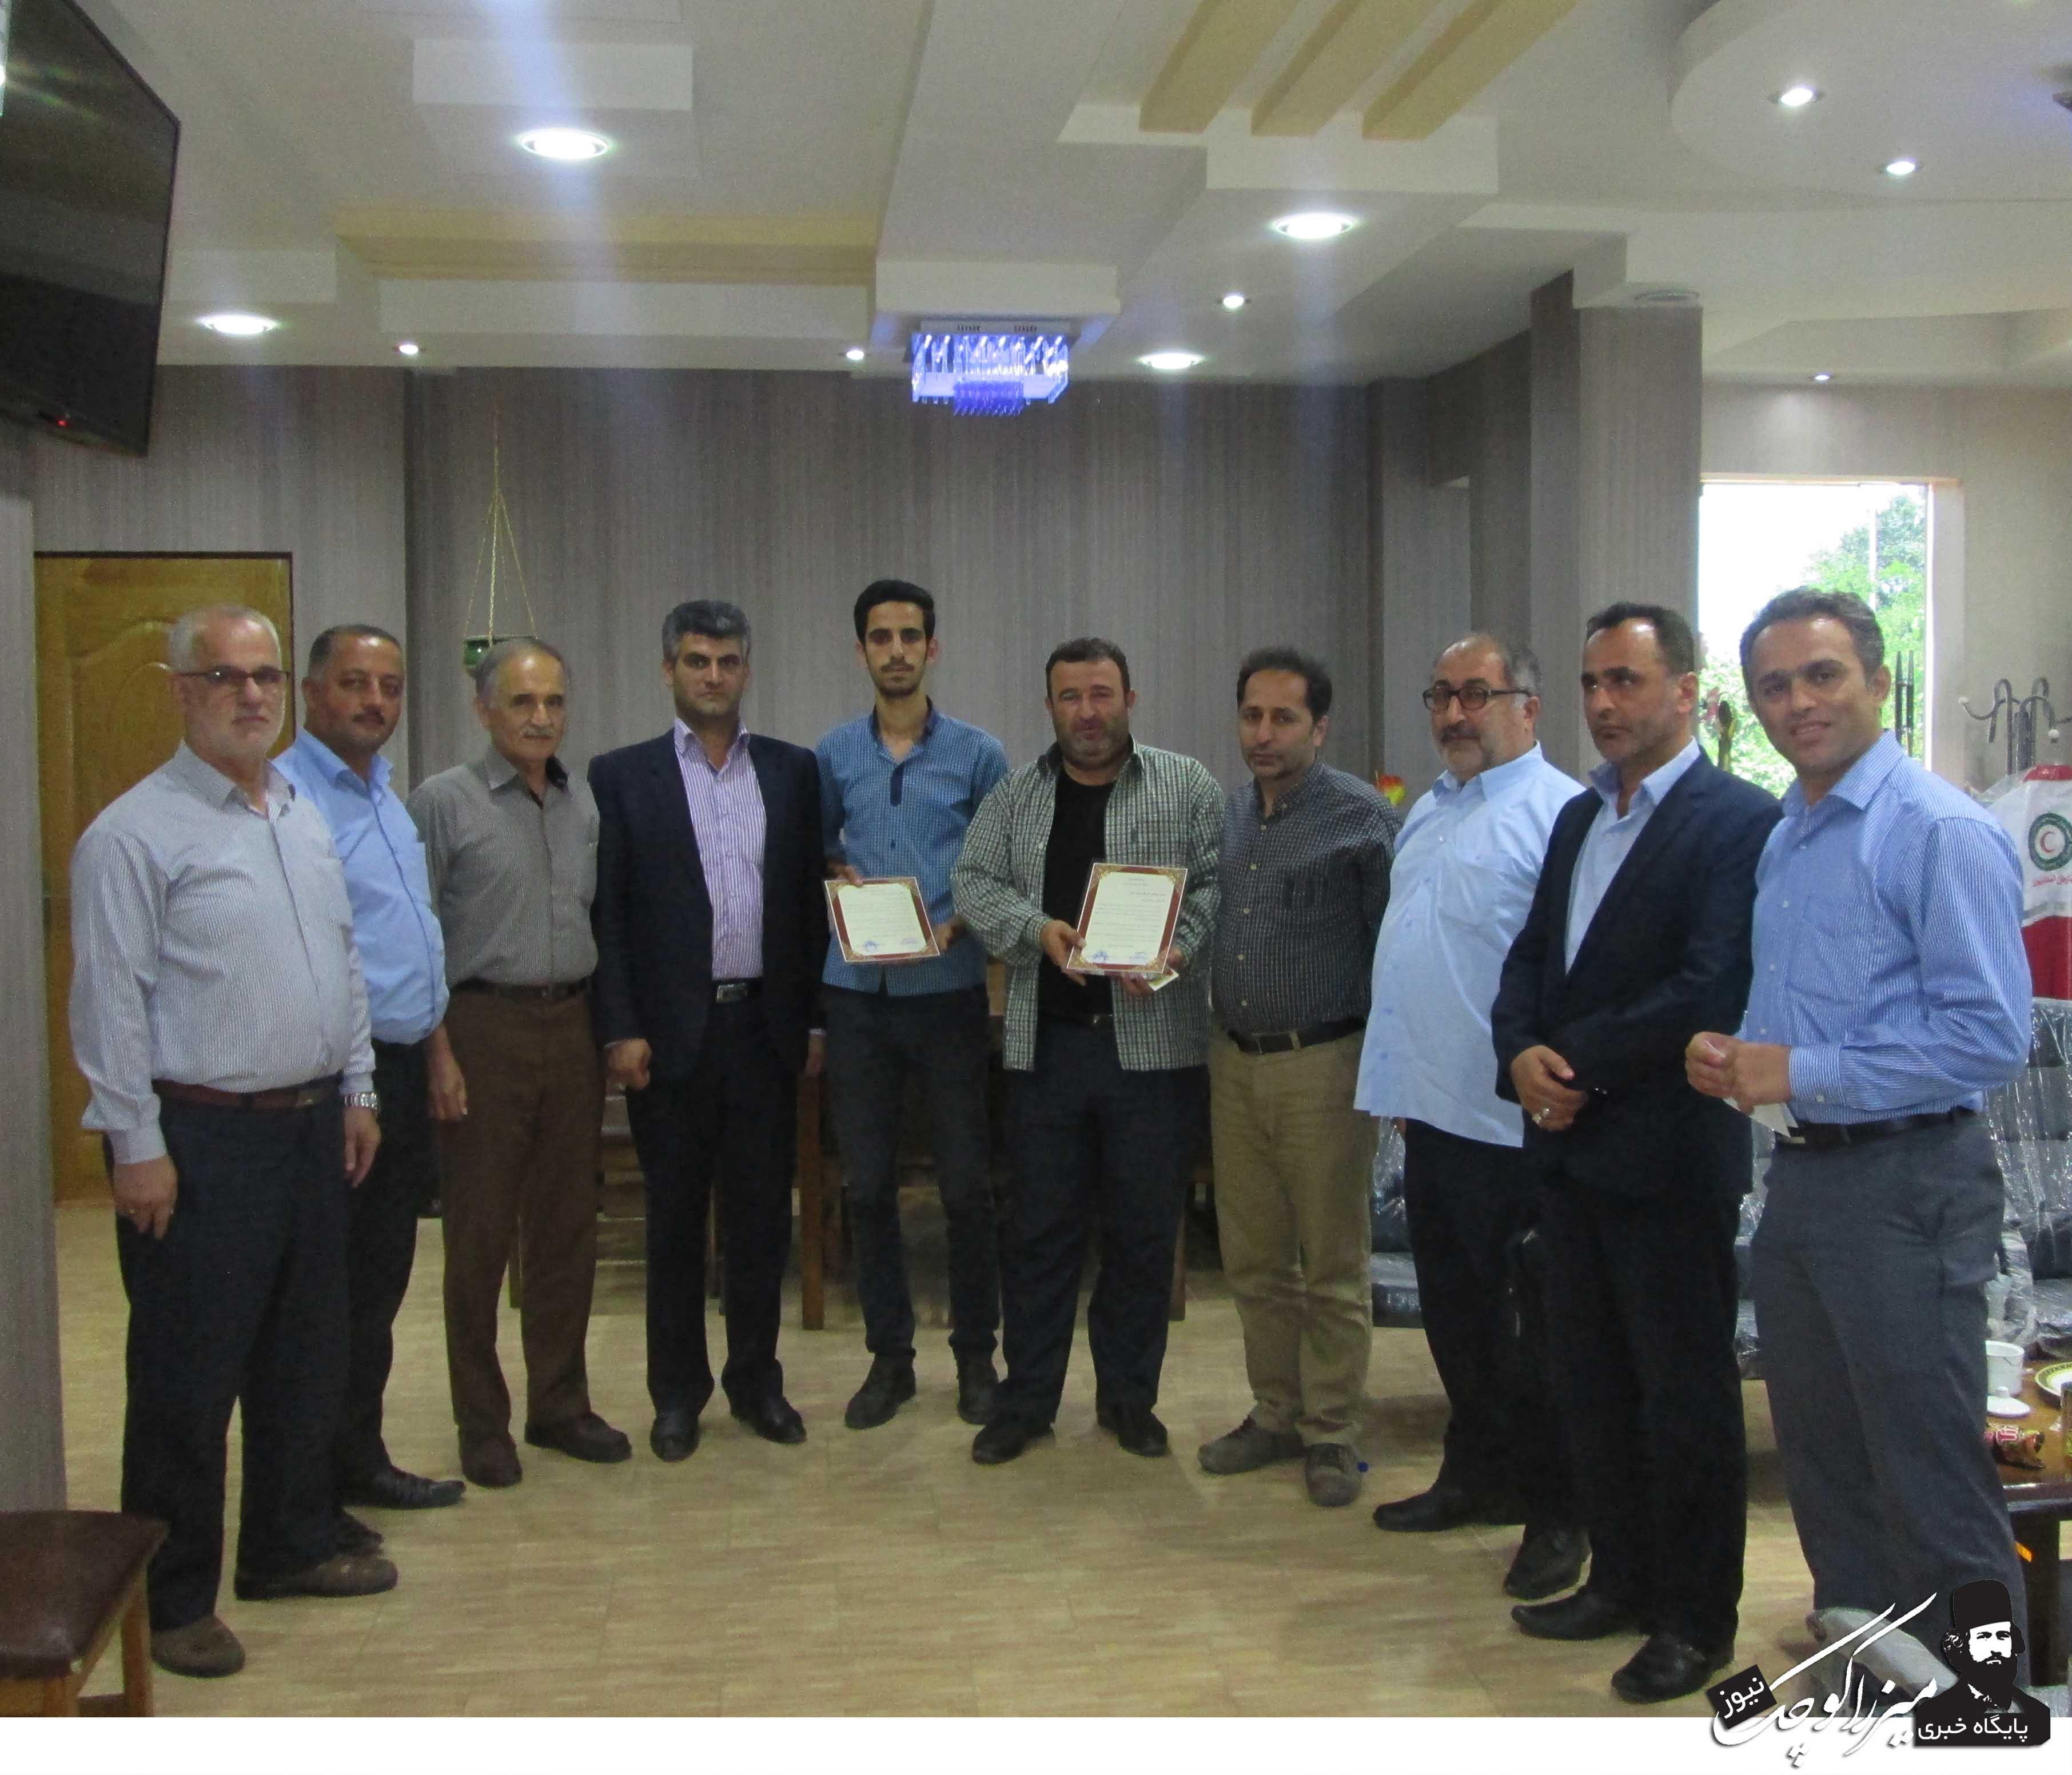 مراسم تجلیل از خبرنگاران شهر گوراب زرمیخ